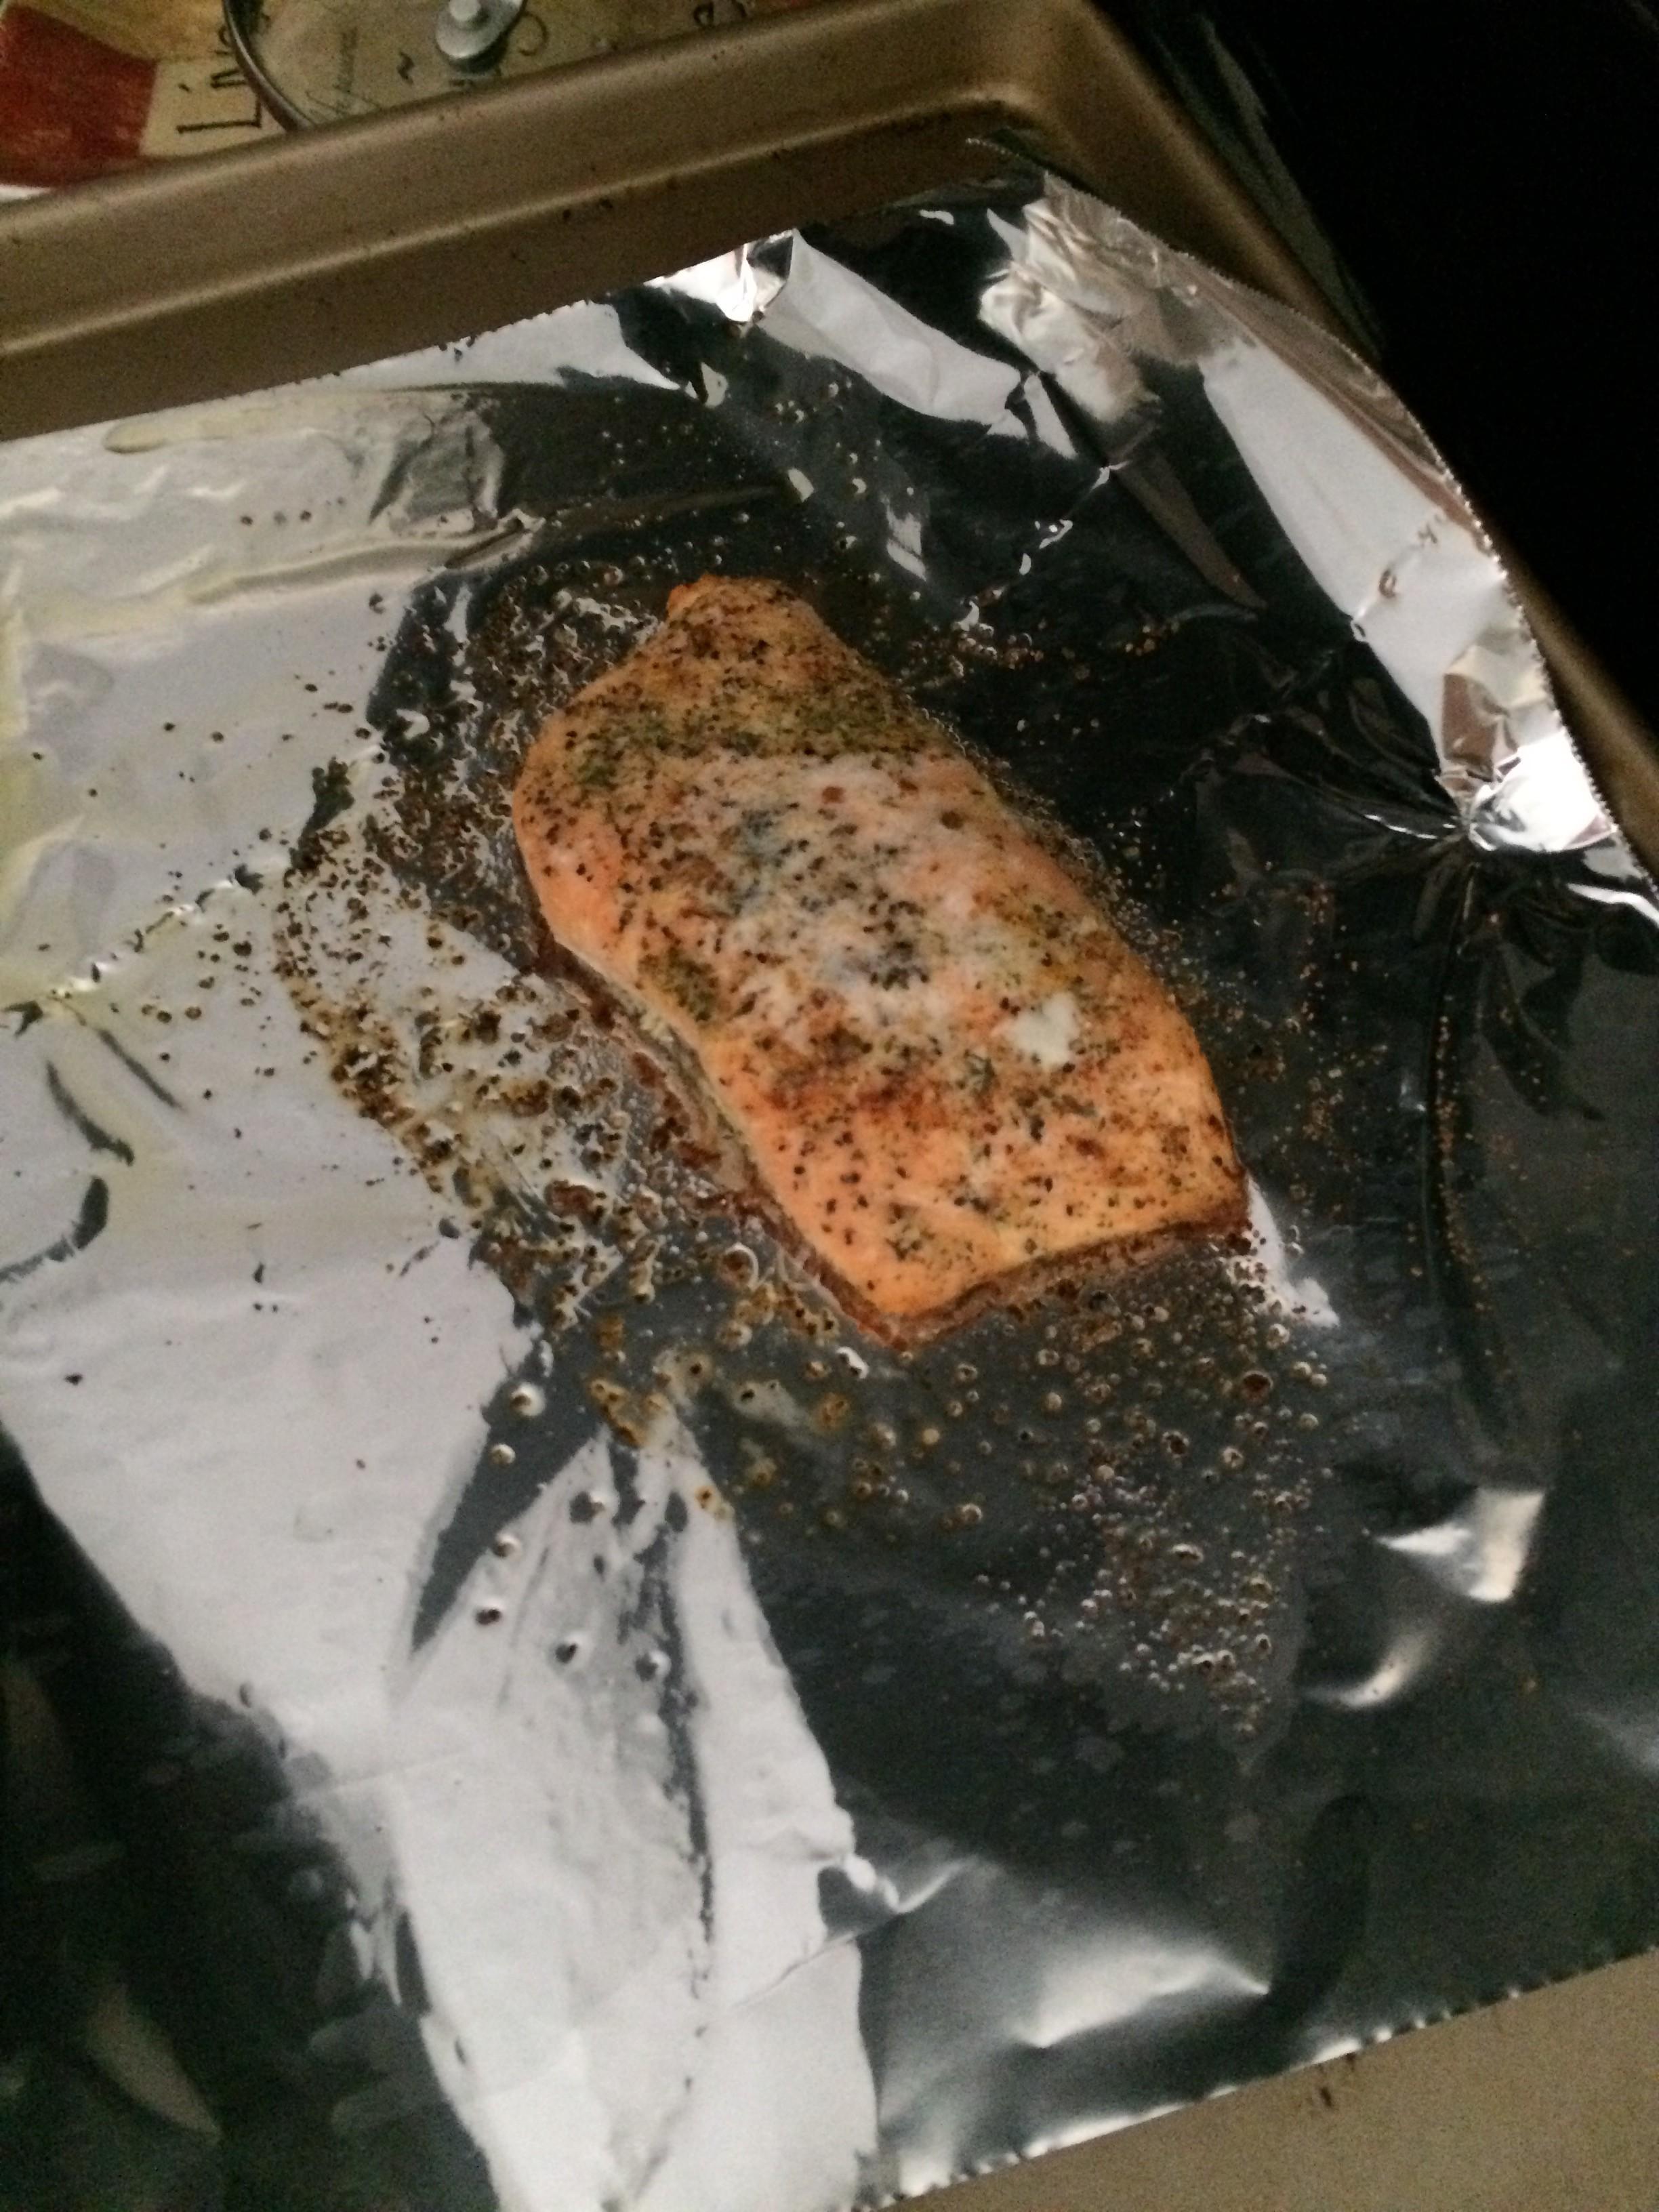 Sunday Breakfast DIY – Salmon Cakes